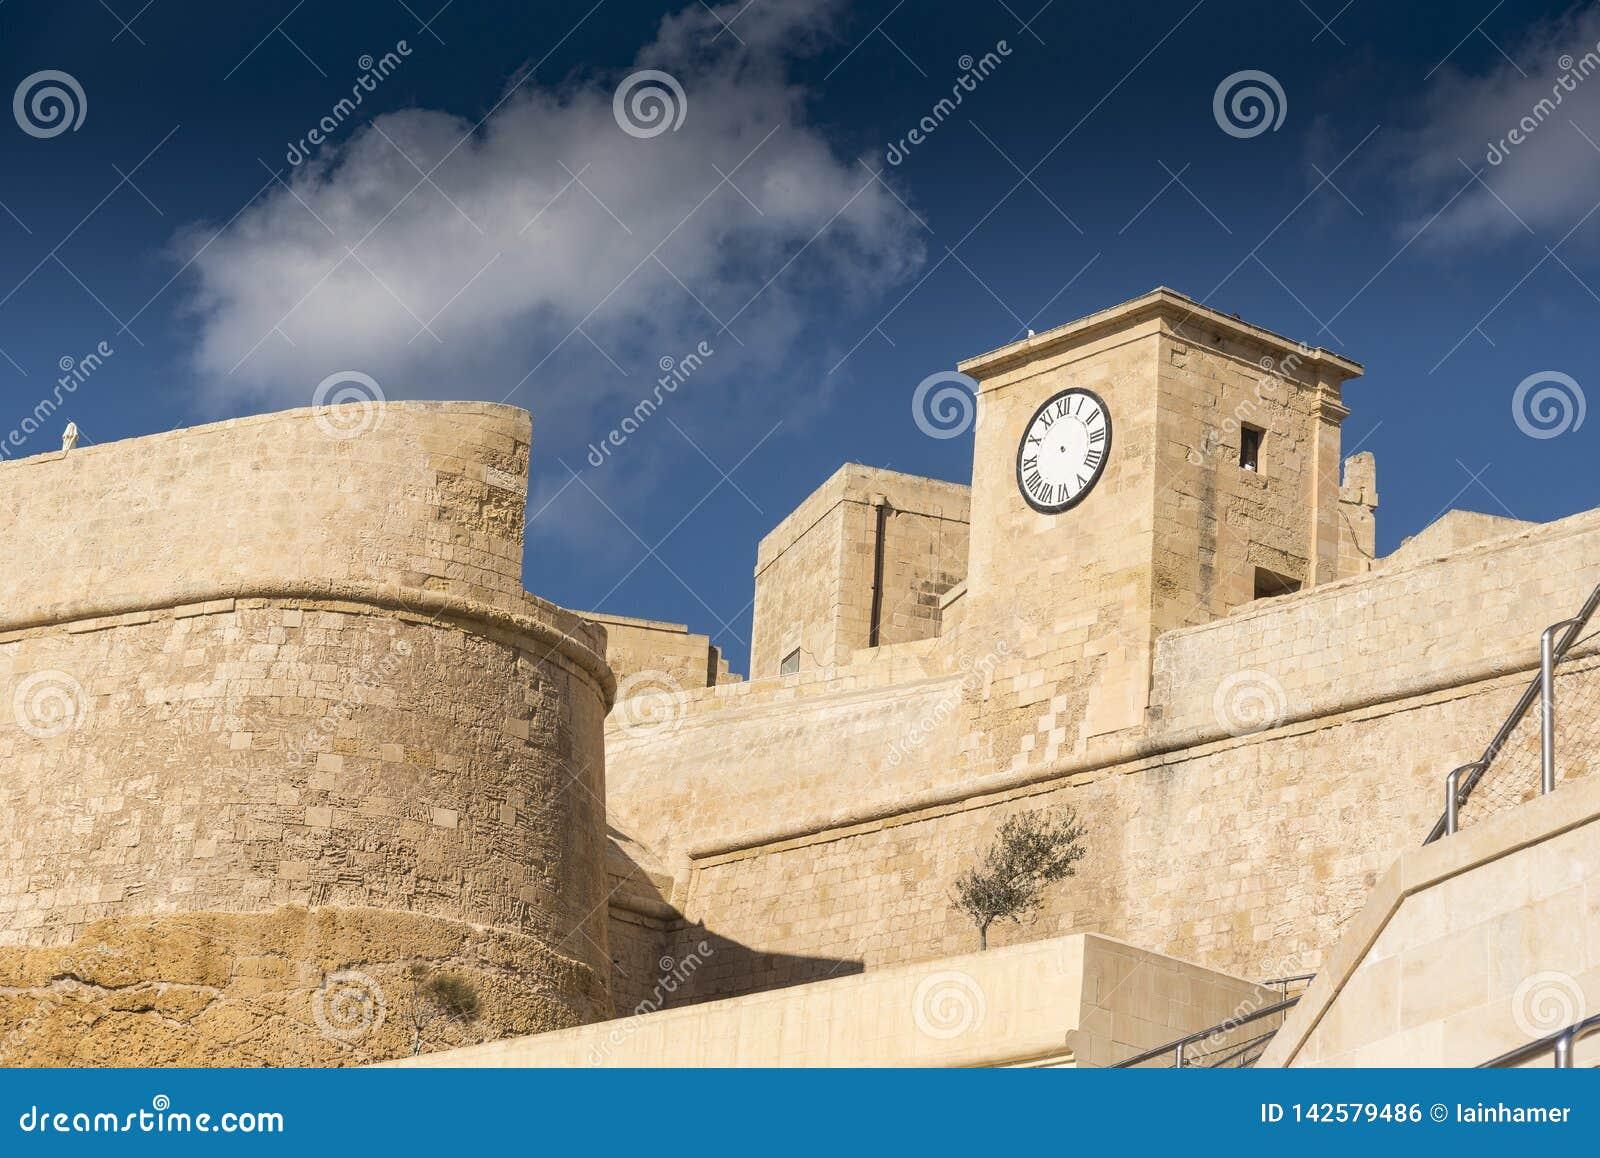 The walls and clock of the Citadel Victoria Gozo